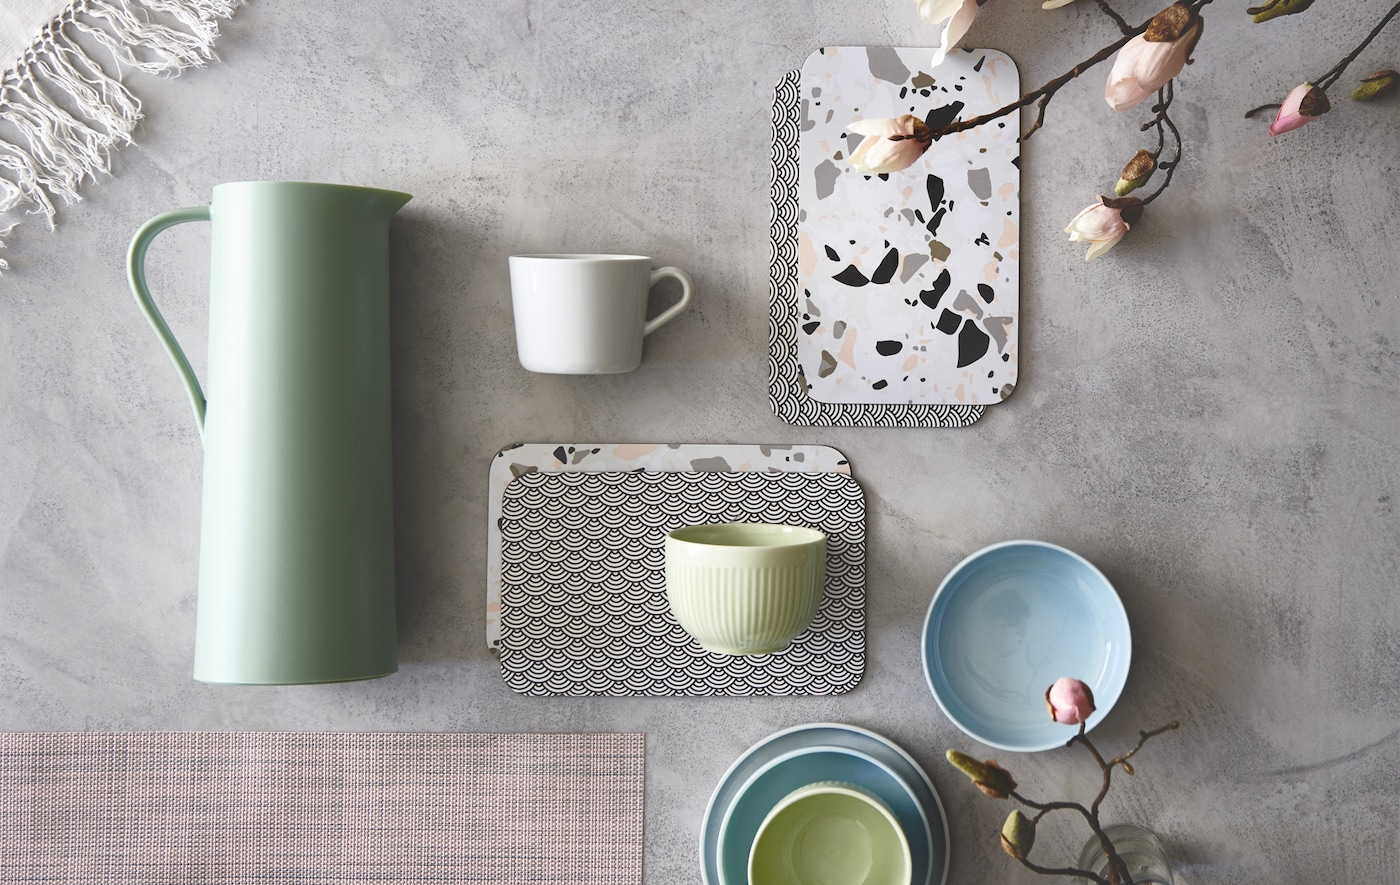 Tazze e vassoi in colori pastello disposti su un ripiano in cemento - IKEA